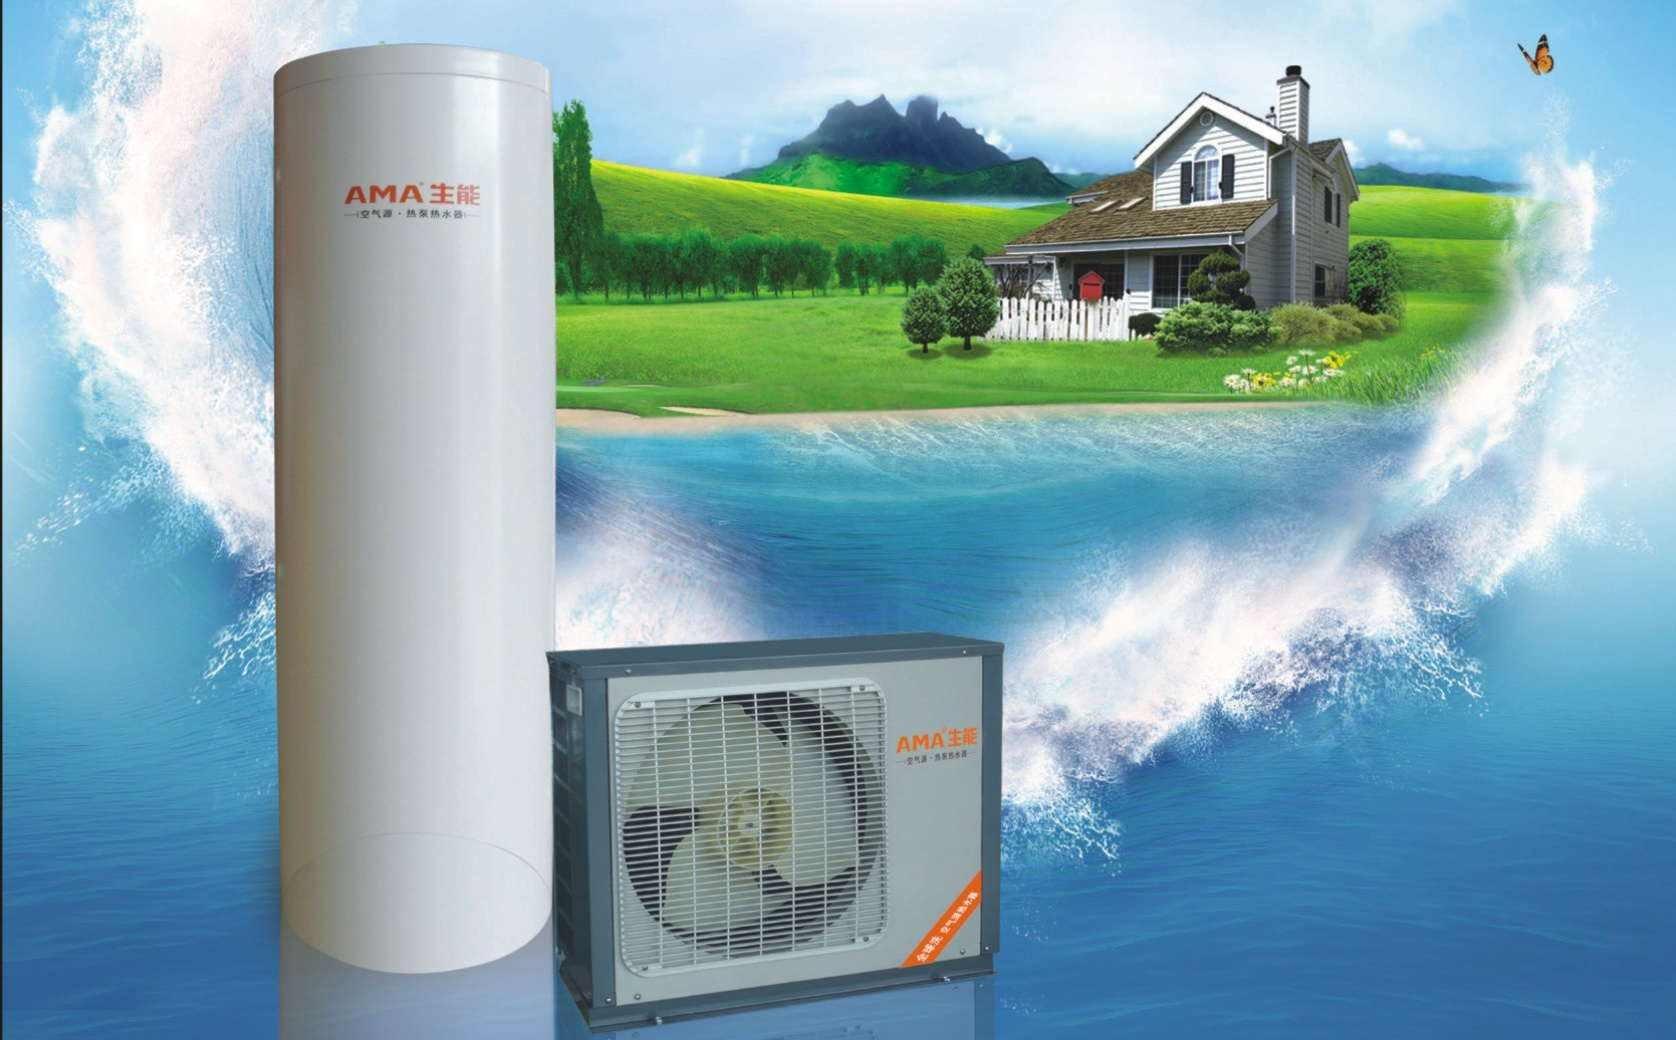 家用空气能热水器品牌—家用空气能热水器有哪些品牌呢